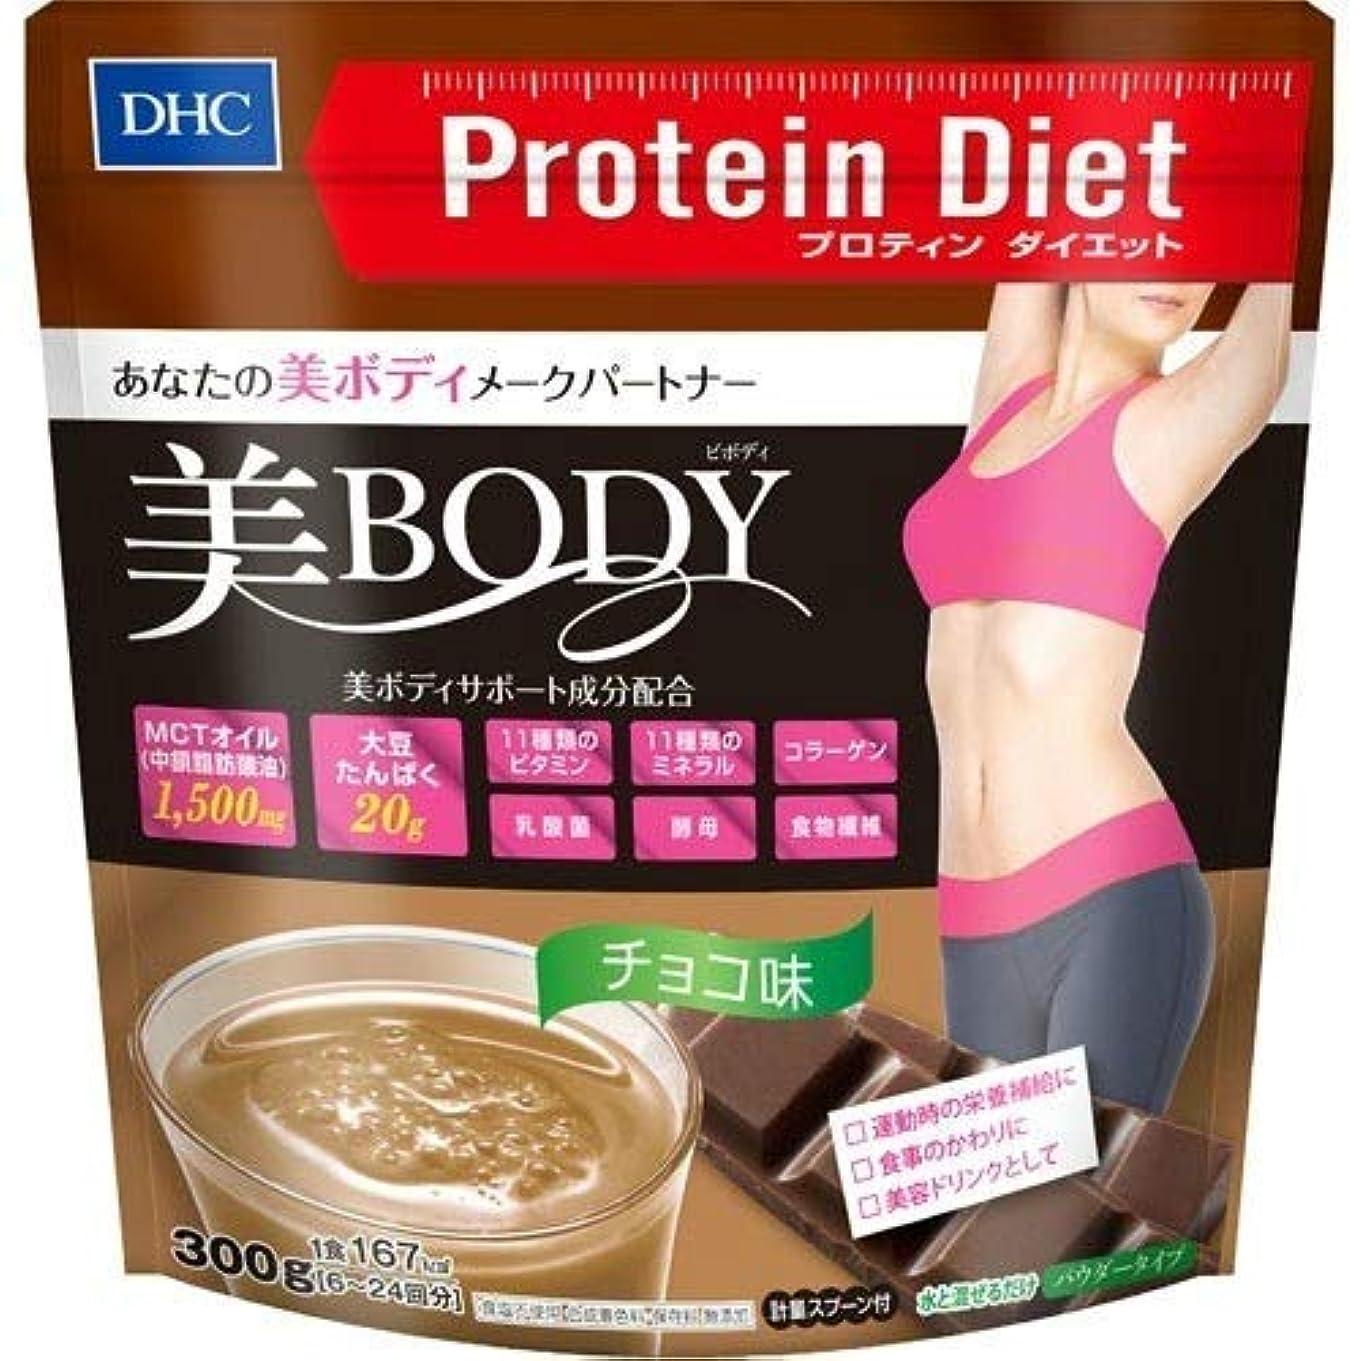 傀儡炎上神経衰弱DHC プロテインダイエット 美Body チョコ味 300g × 24個セット